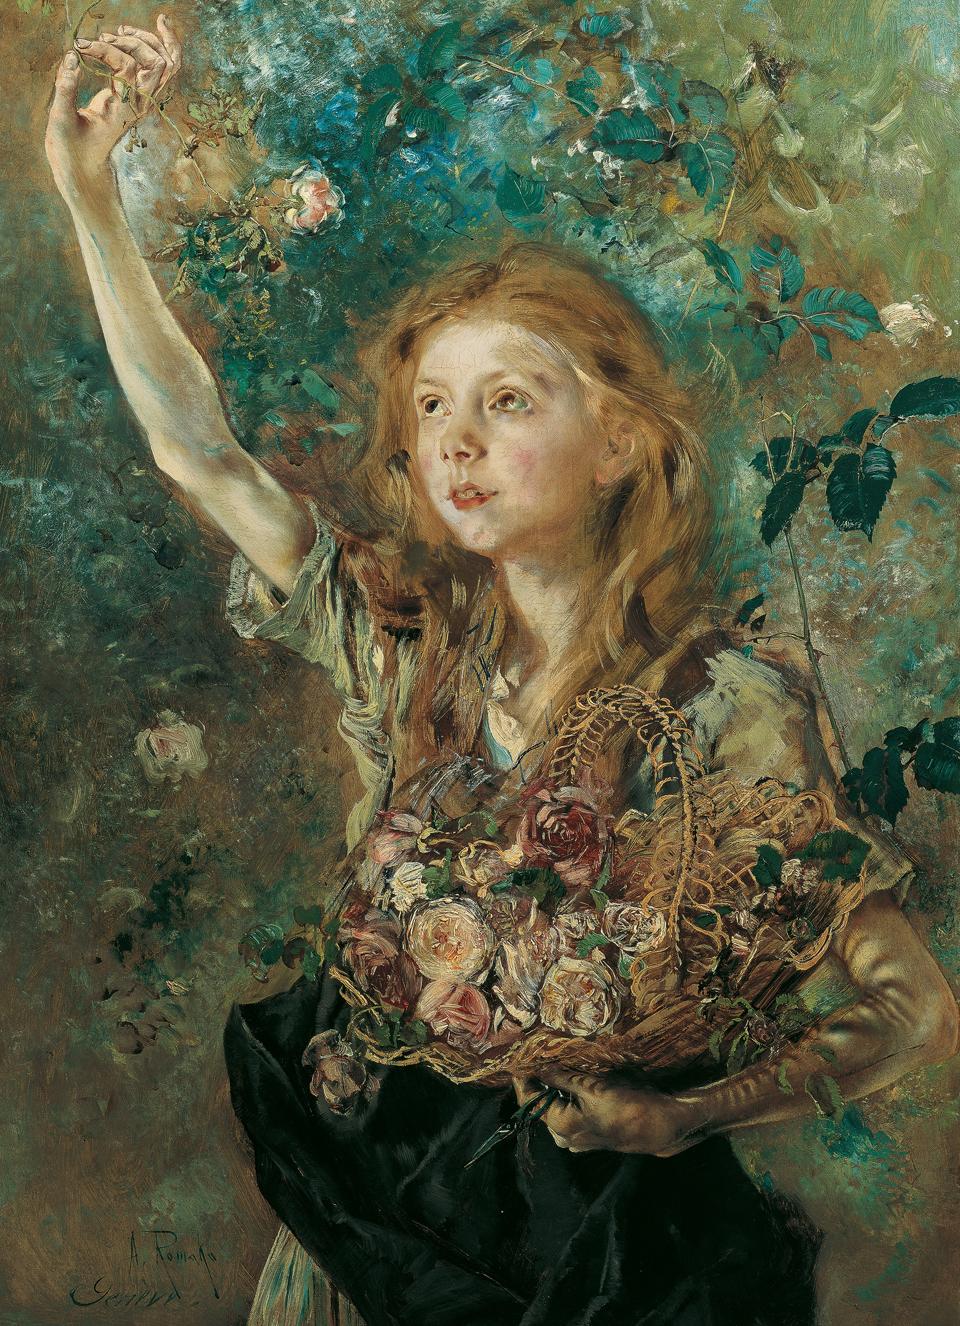 Anton_Romako_-_Die_Rosenpfluckerin_-_1832_-_Osterreichische_Galerie_Belvedere.jpg